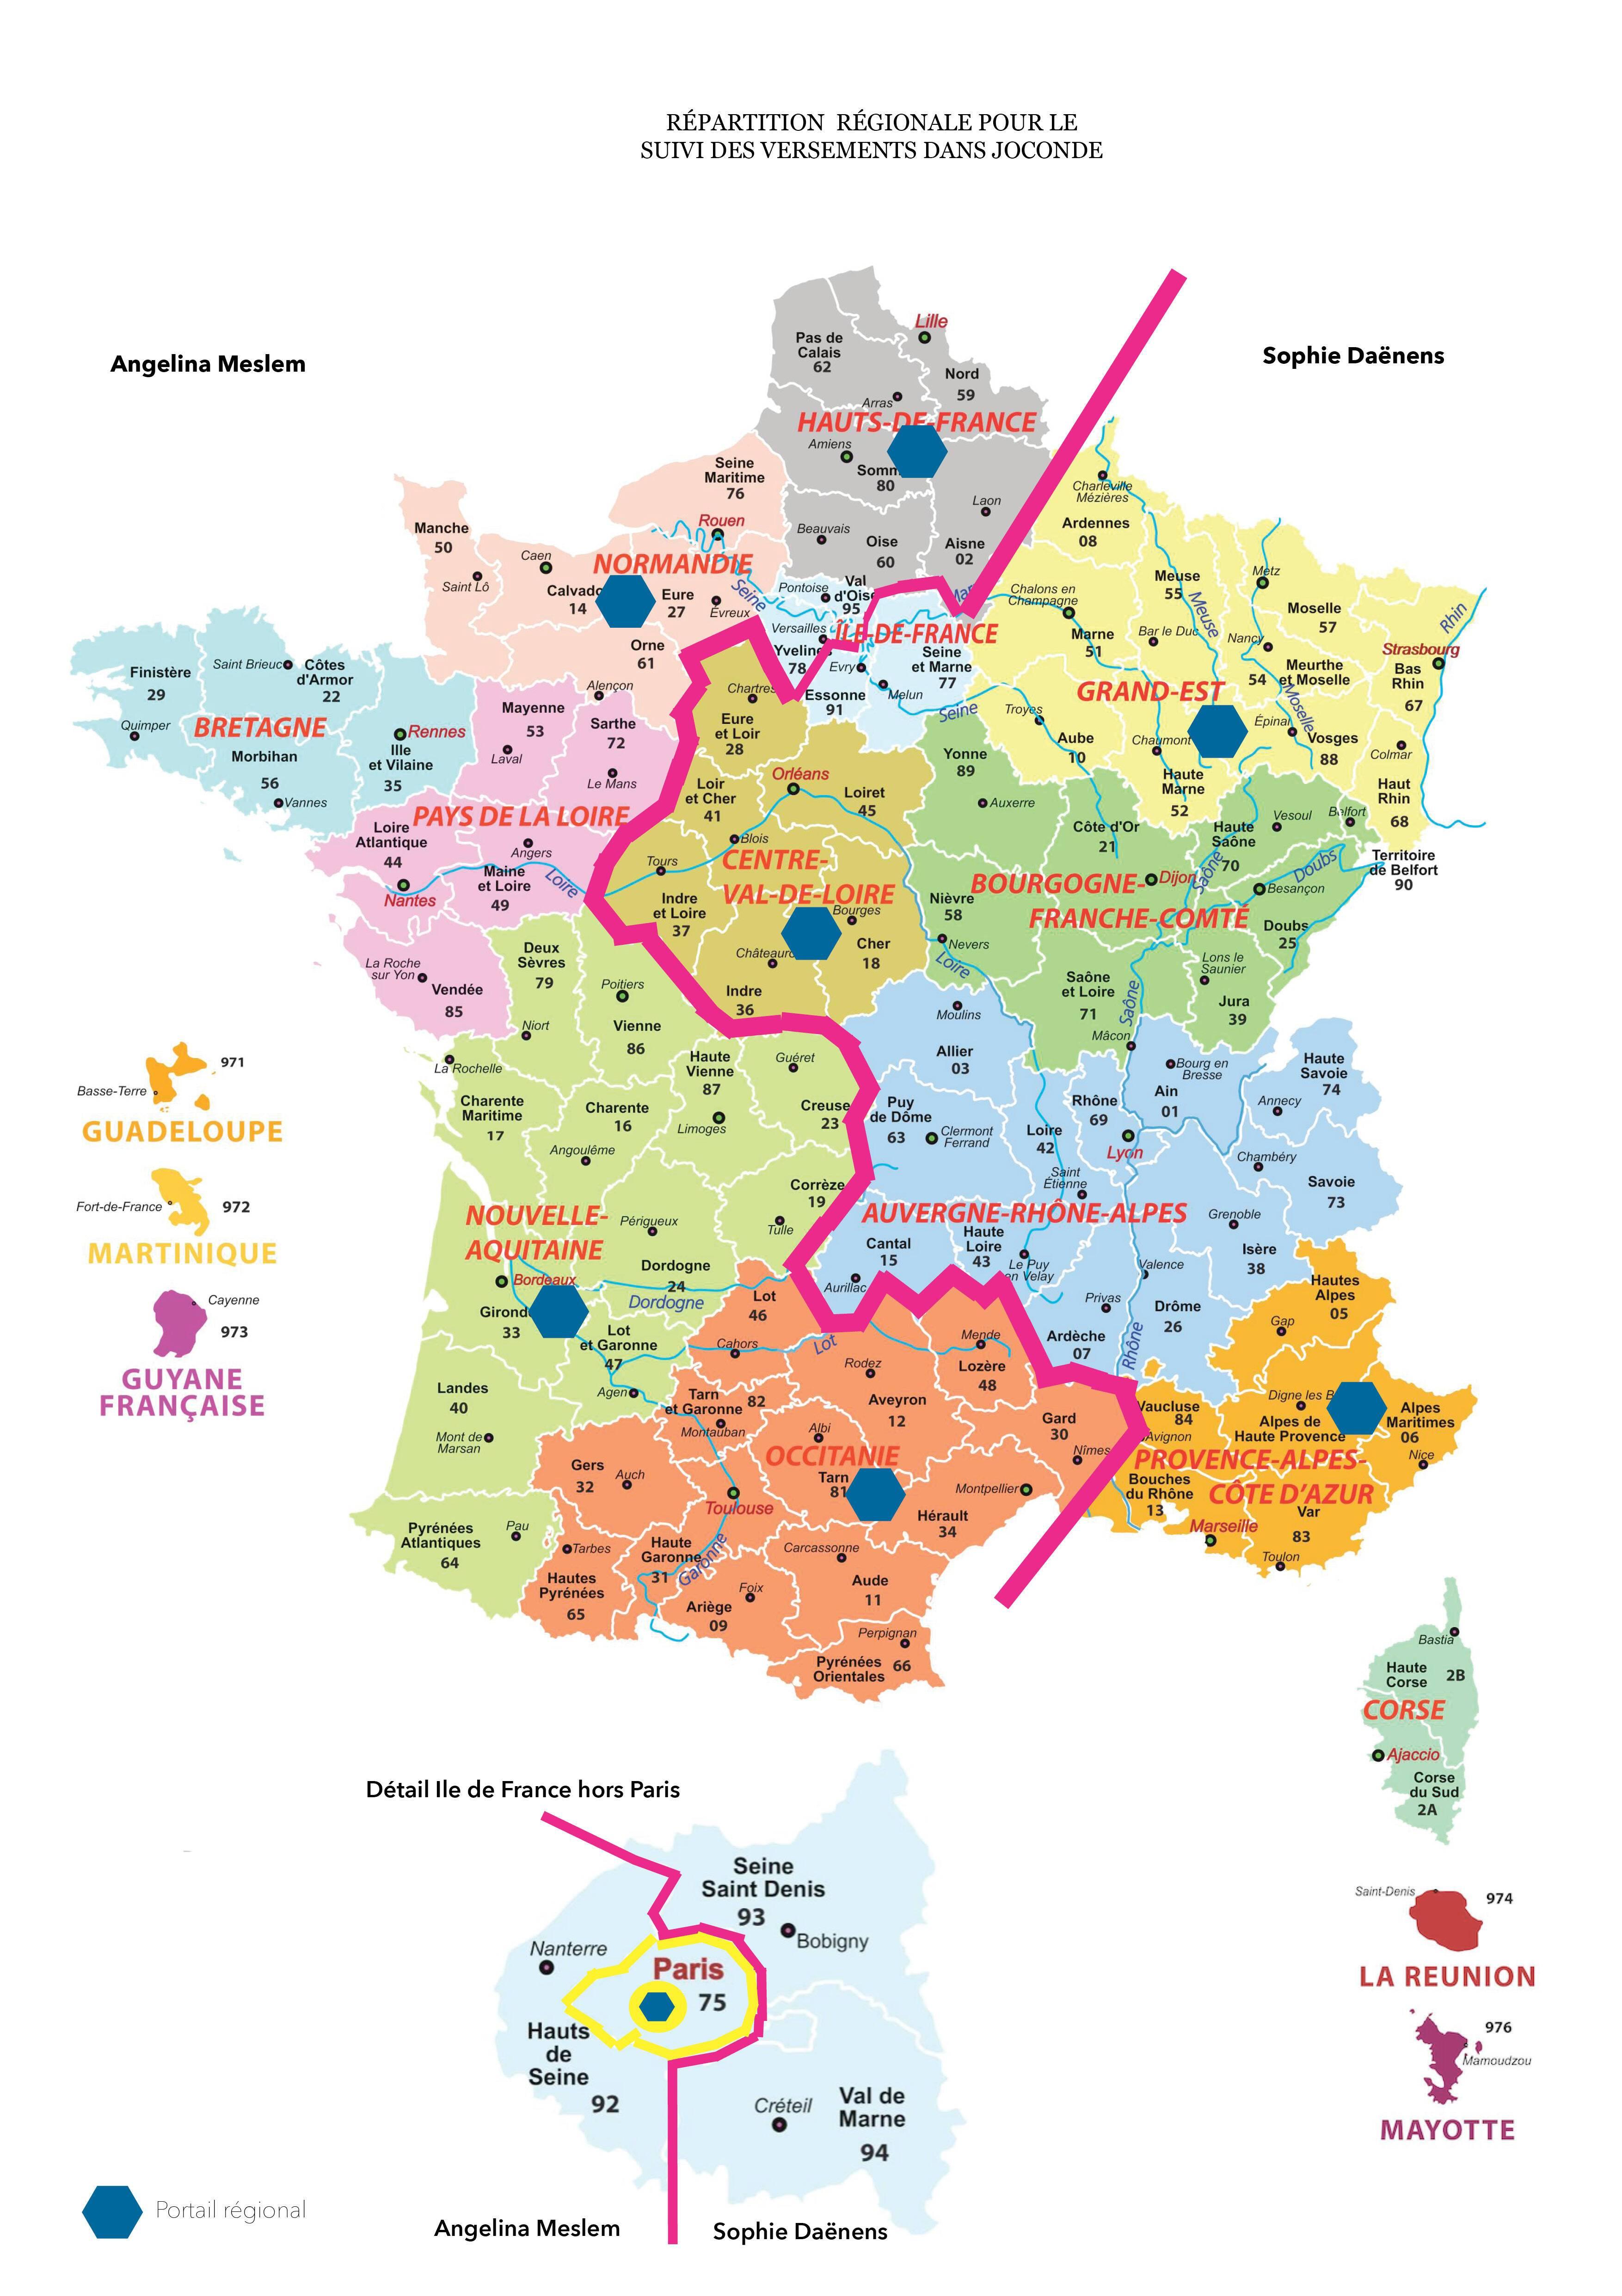 Répartition géographique du suivi des versements des musées de France sur Joconde